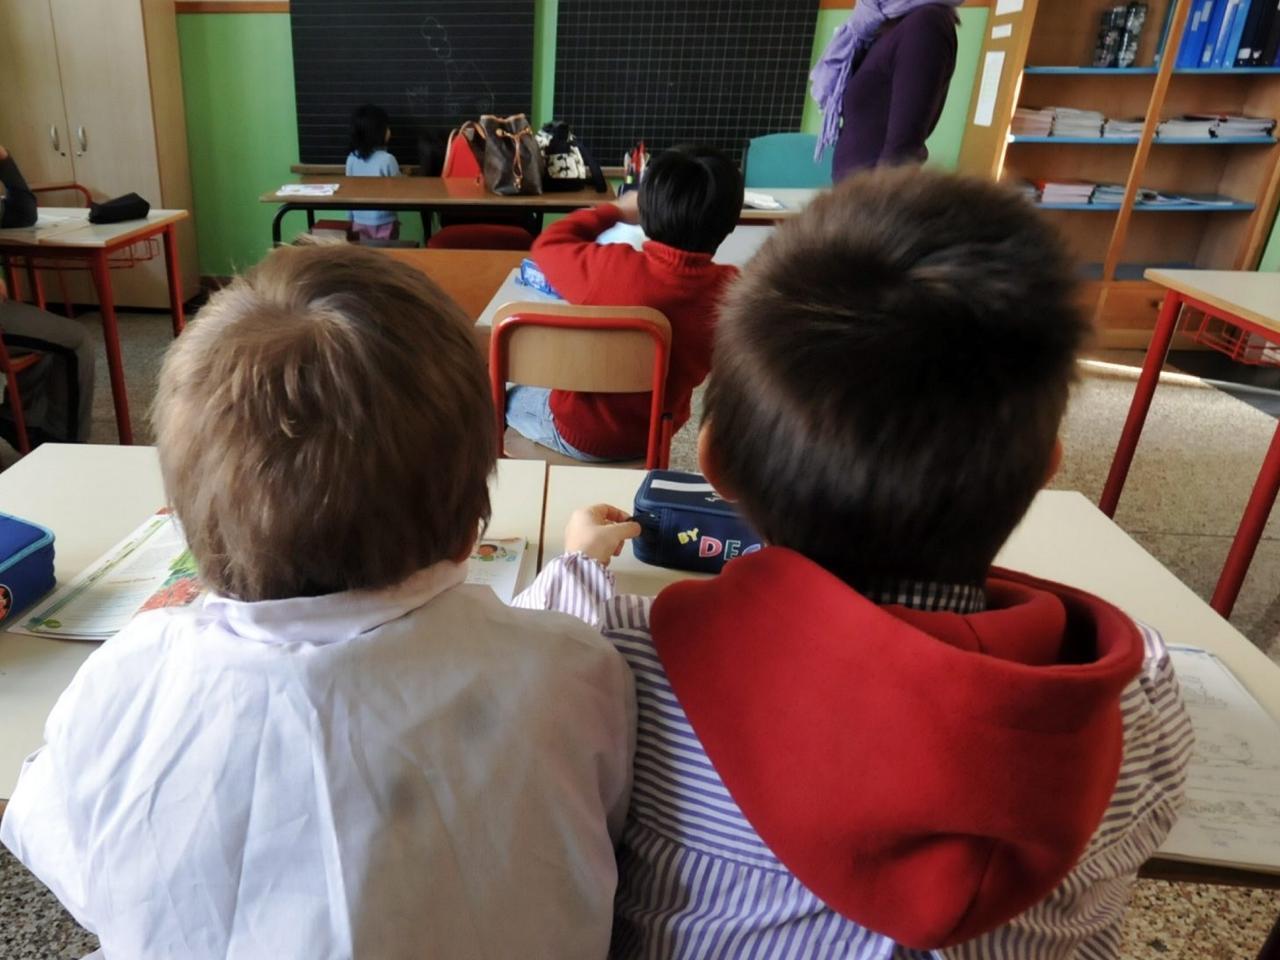 Cagliari, bagni separati per i piccoli migranti in una scuola di suore: scoppia la polemica